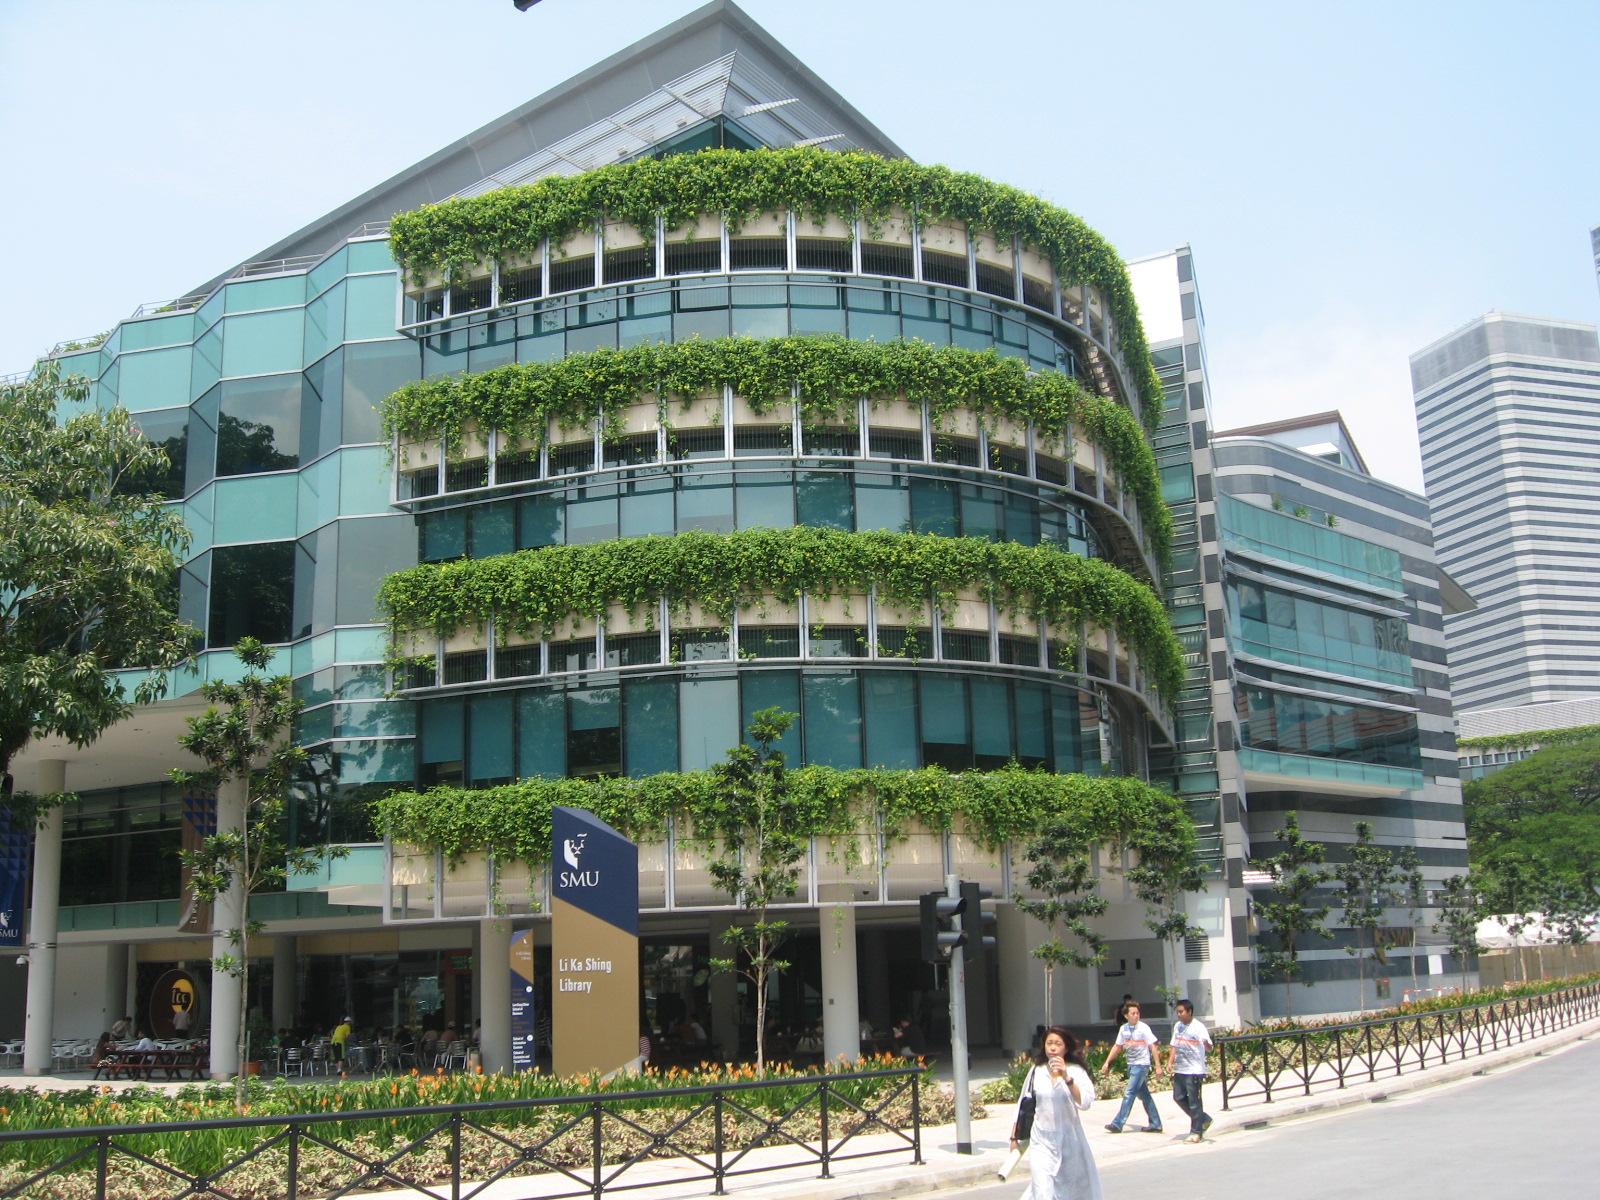 Singapore Management University.